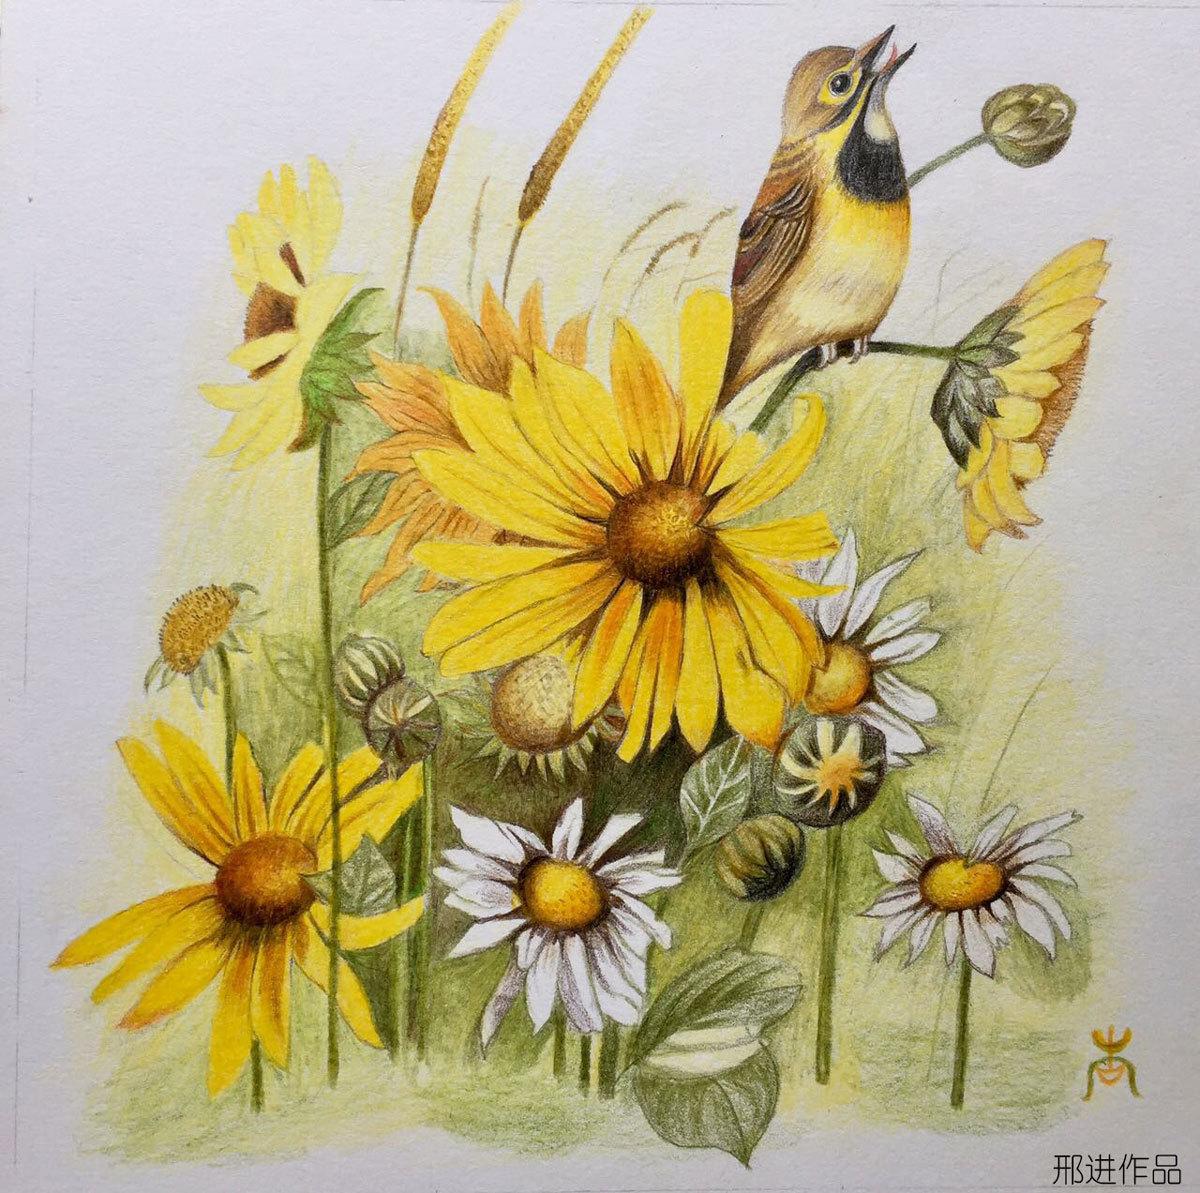 暖色 彩铅花卉